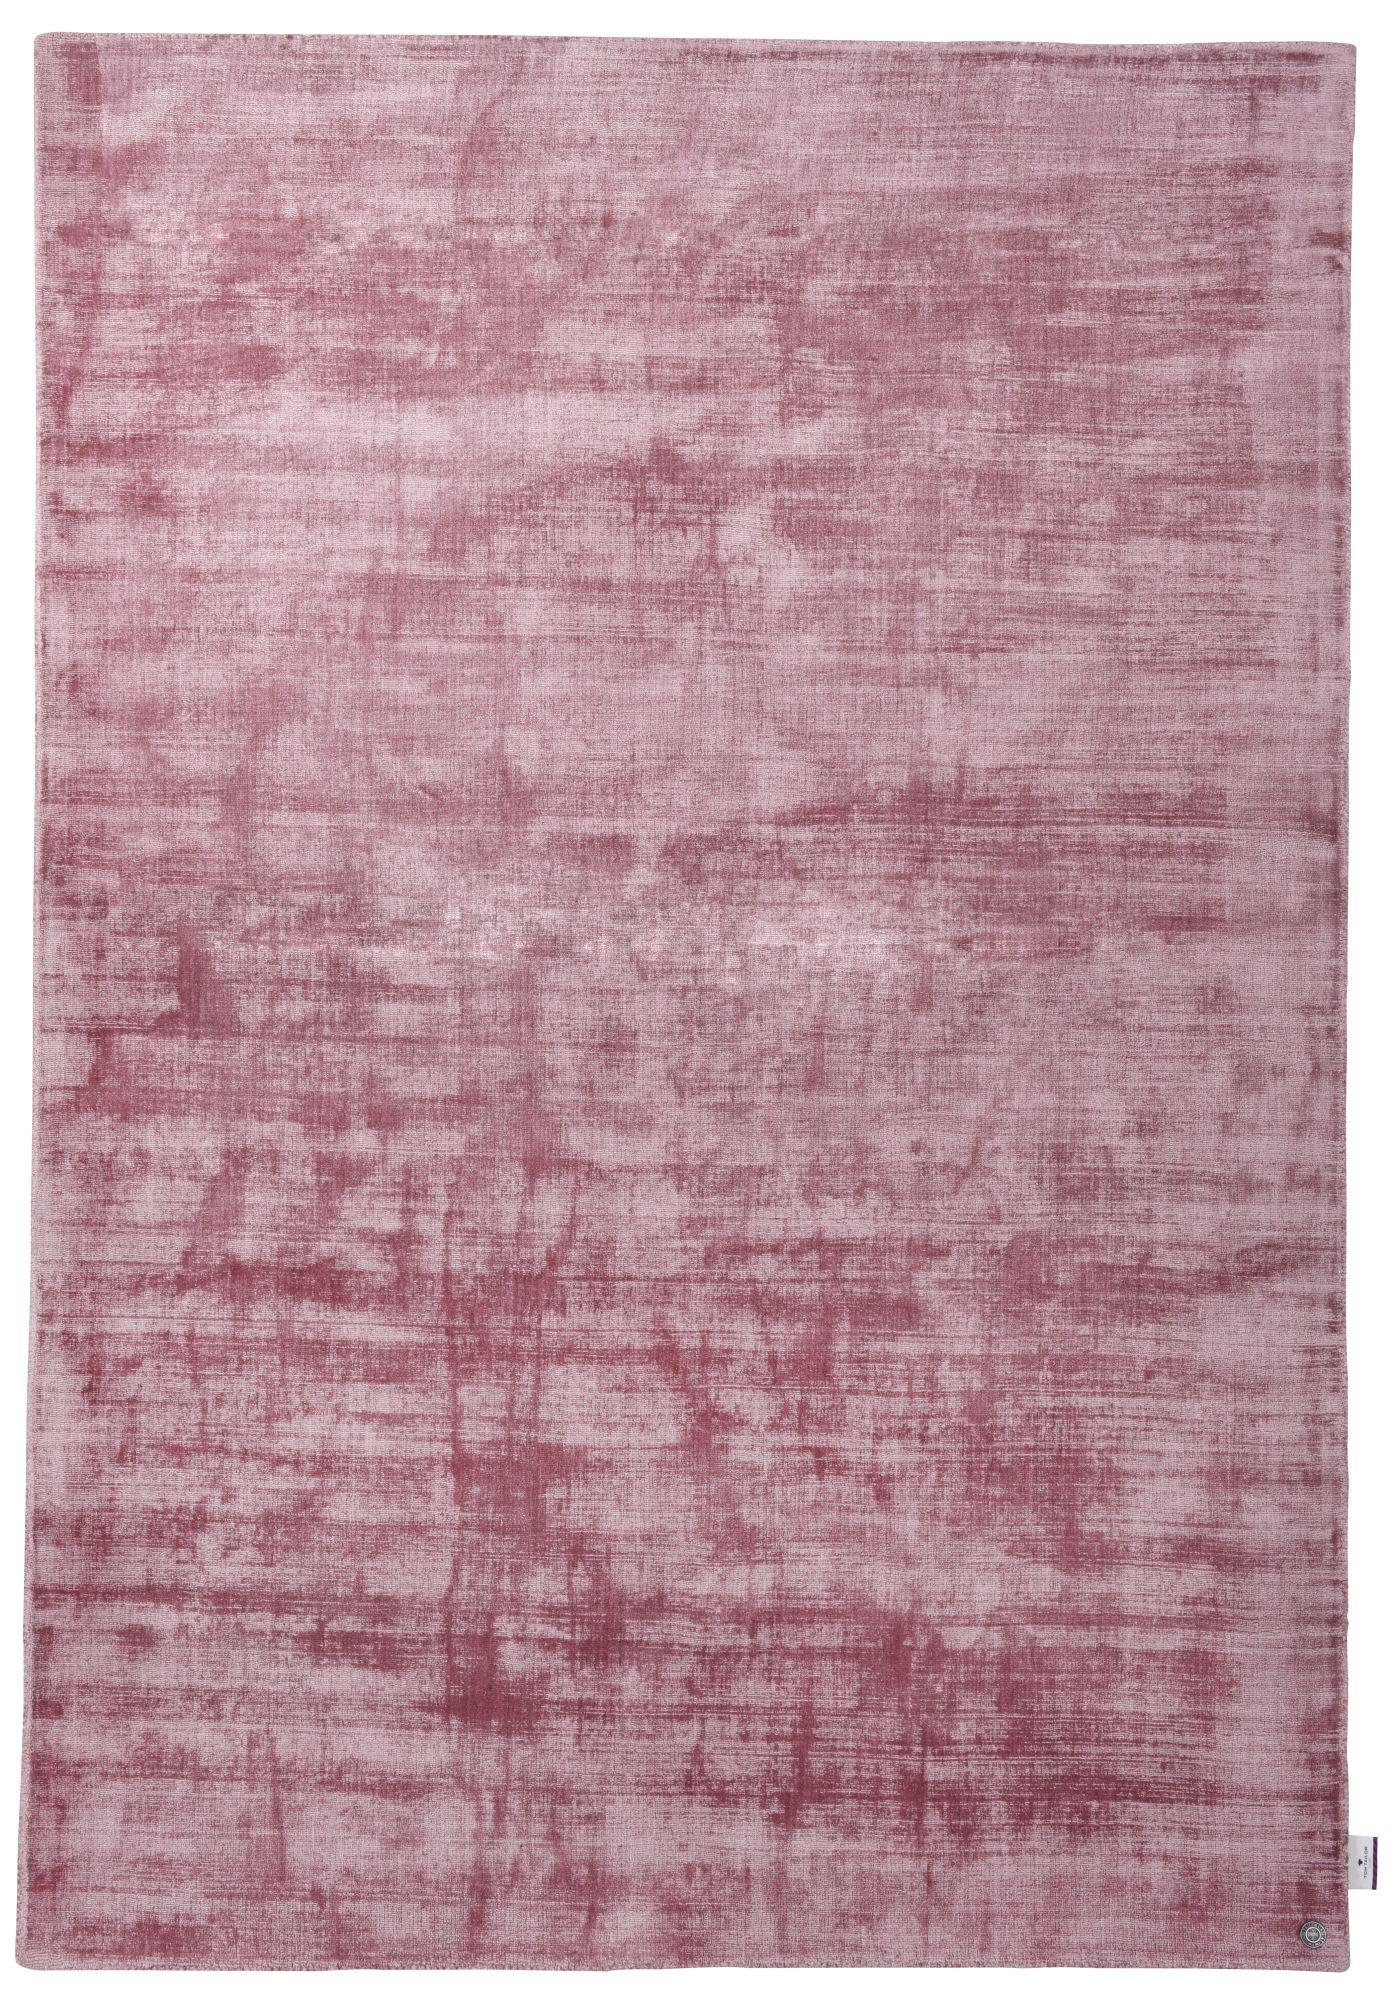 SHINE - Tapis élégant avec un doux brillant en viscose rose 65x135